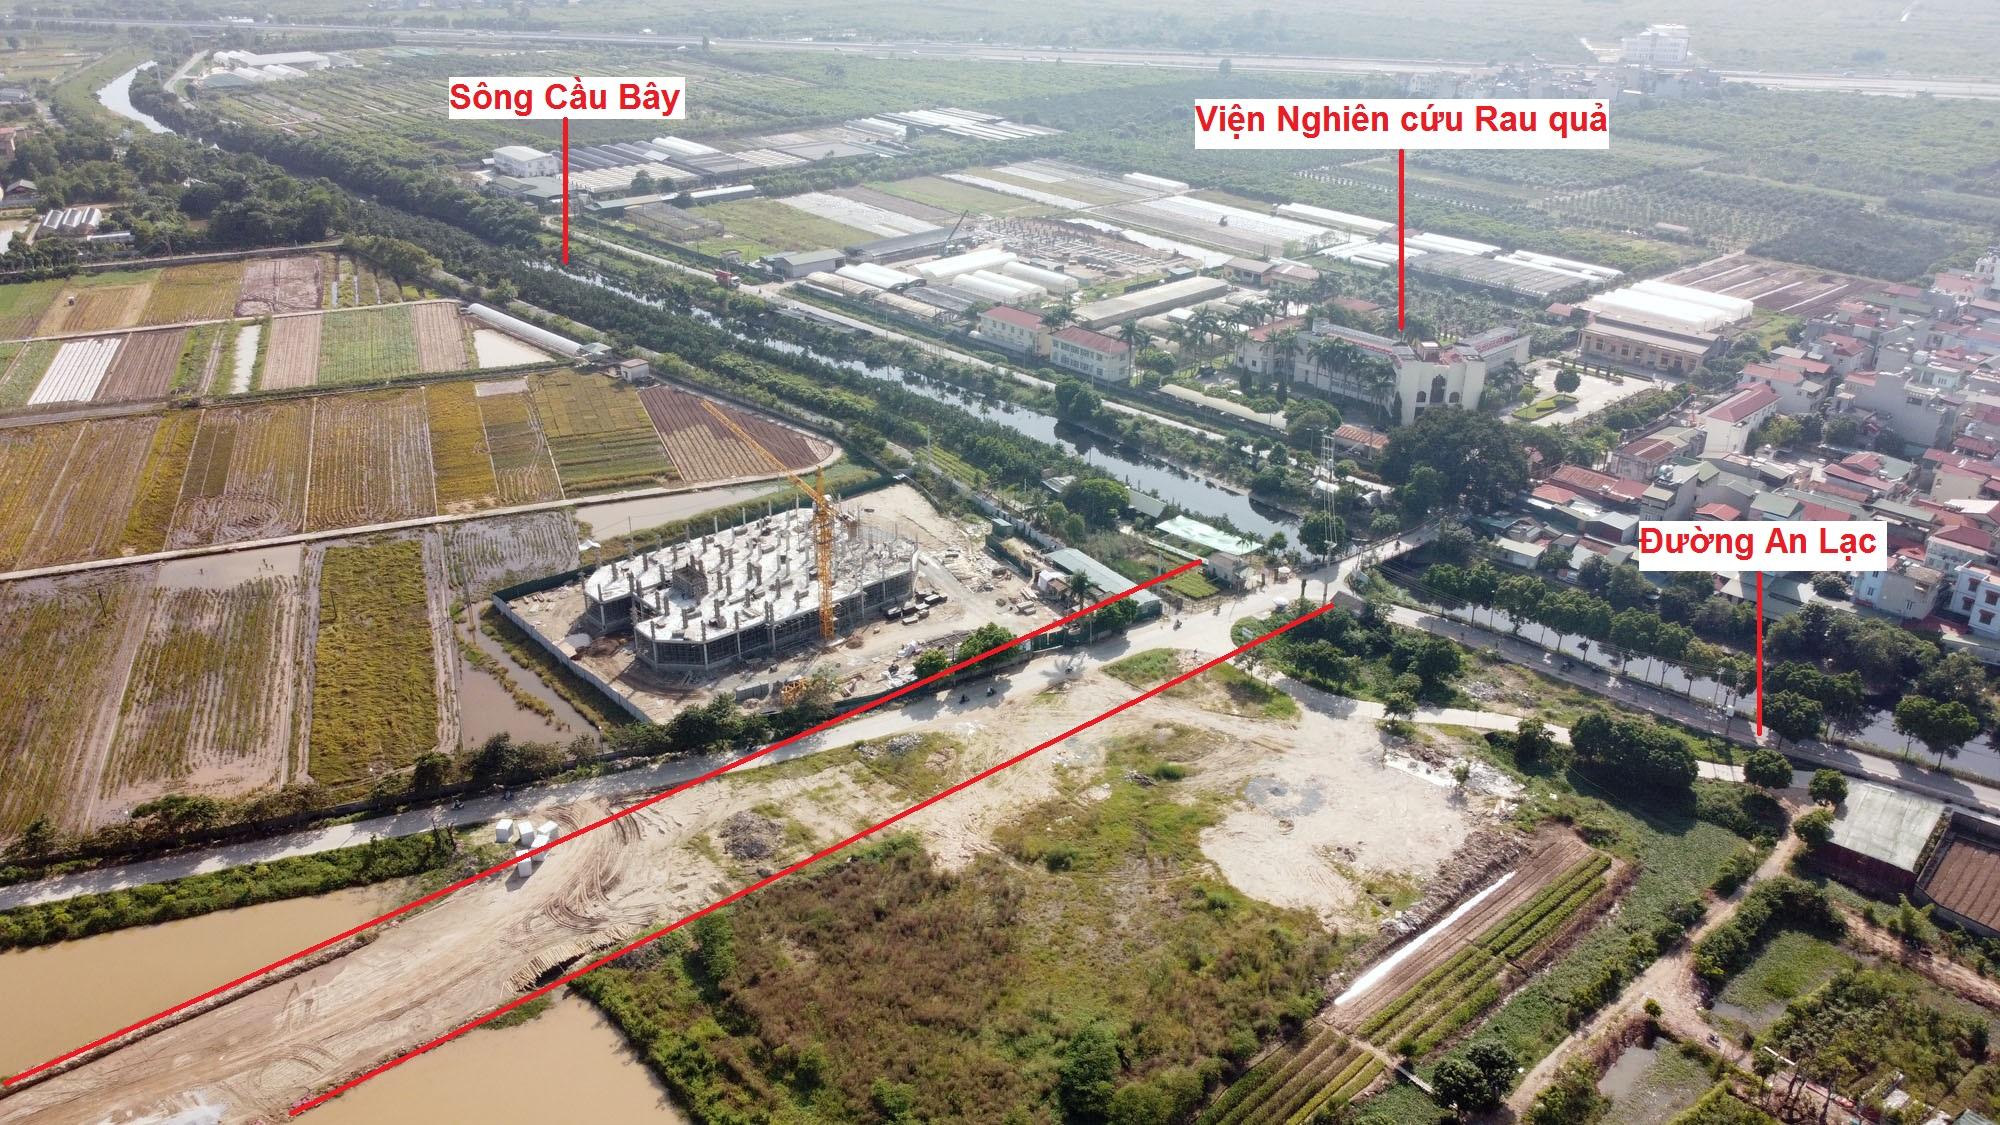 Ba đường sẽ mở theo qui hoạch ở thị trấn Trâu Quỳ, Gia Lâm, Hà Nội - Ảnh 9.